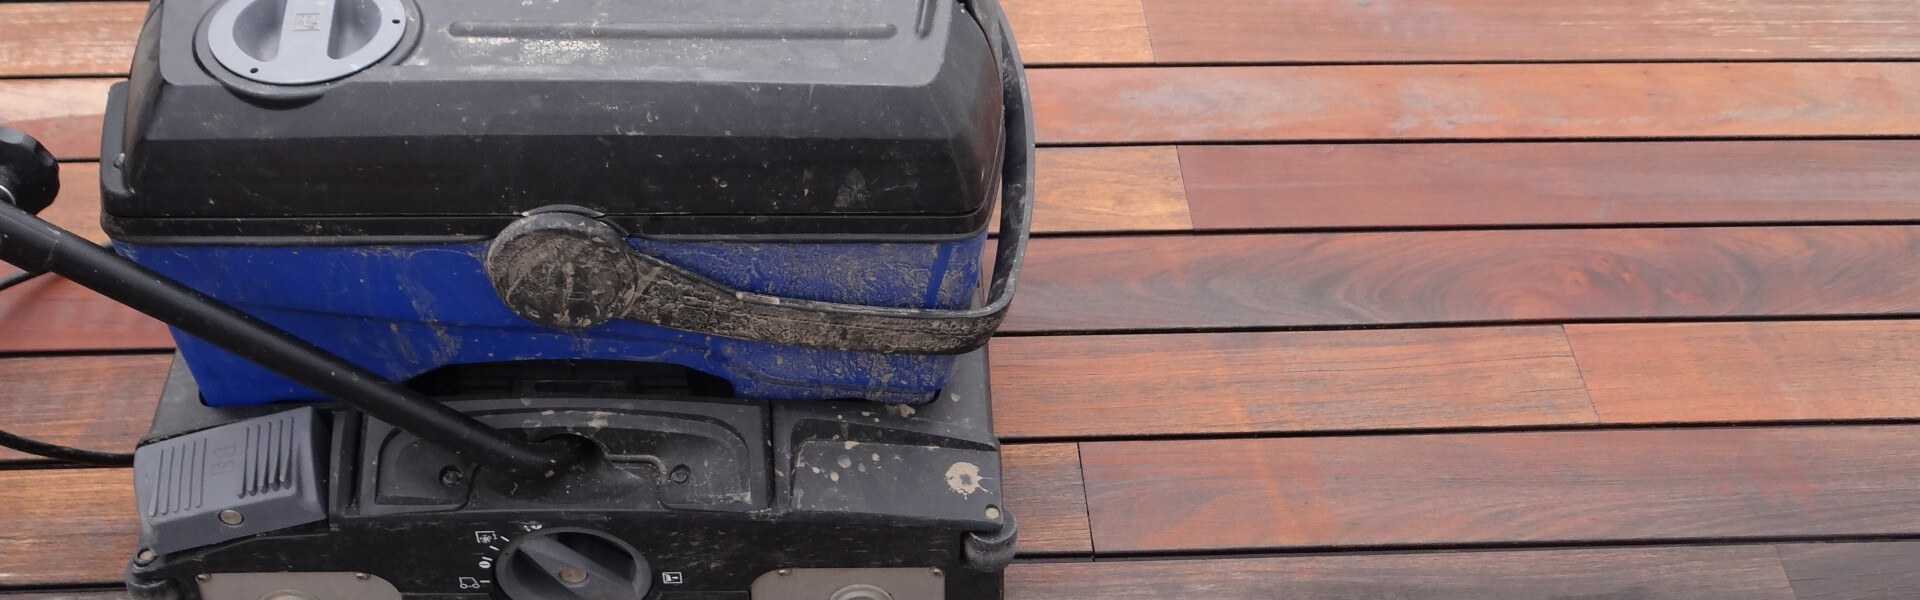 Pisos Deck Tratamiento Bona - La Casa del Parquet